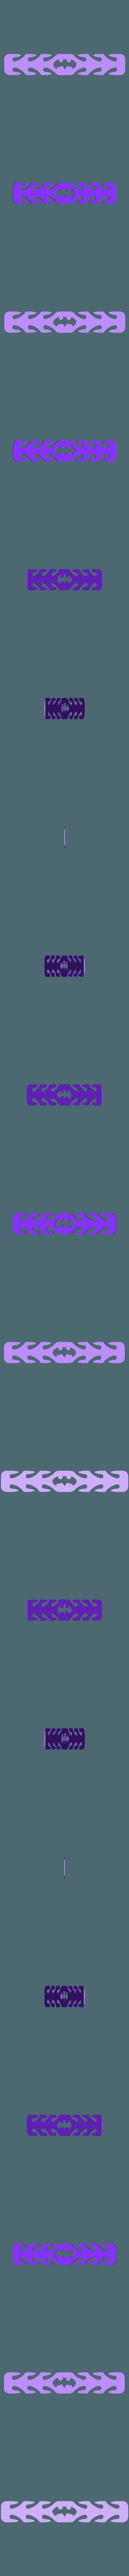 3D-01011 - BATMAN EAR PROTECTOR.stl Télécharger fichier STL gratuit Masque de protection auditive Batman • Plan imprimable en 3D, 3DPrintersaur